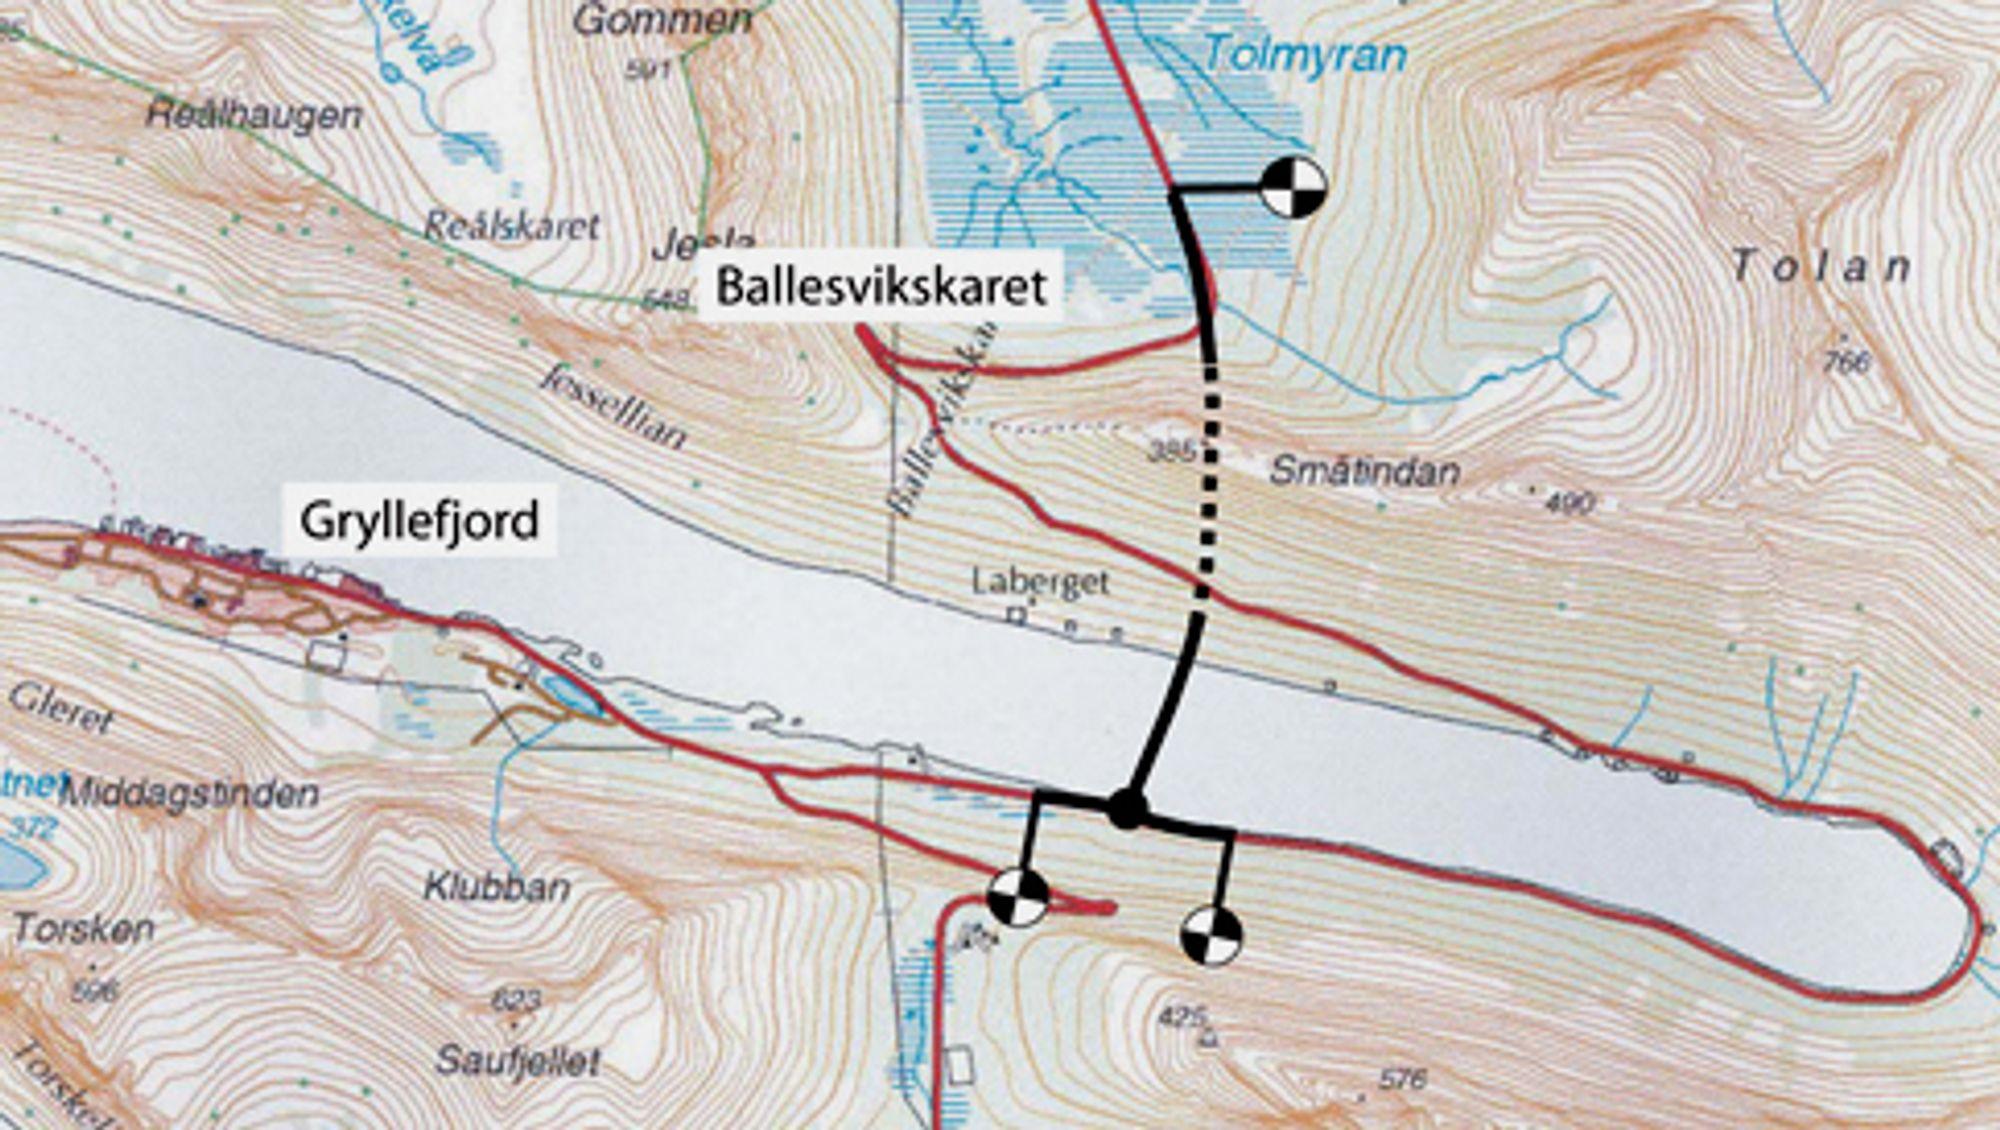 Fiskeværet Gryllefjord på Senja får kortere og mer rassikker vegforbindelse til omverden når tunnelen under Ballesvikskaret og brua over Gryllefjorden blir ferdig høsten 2013. Ill.: Statens vegvesen